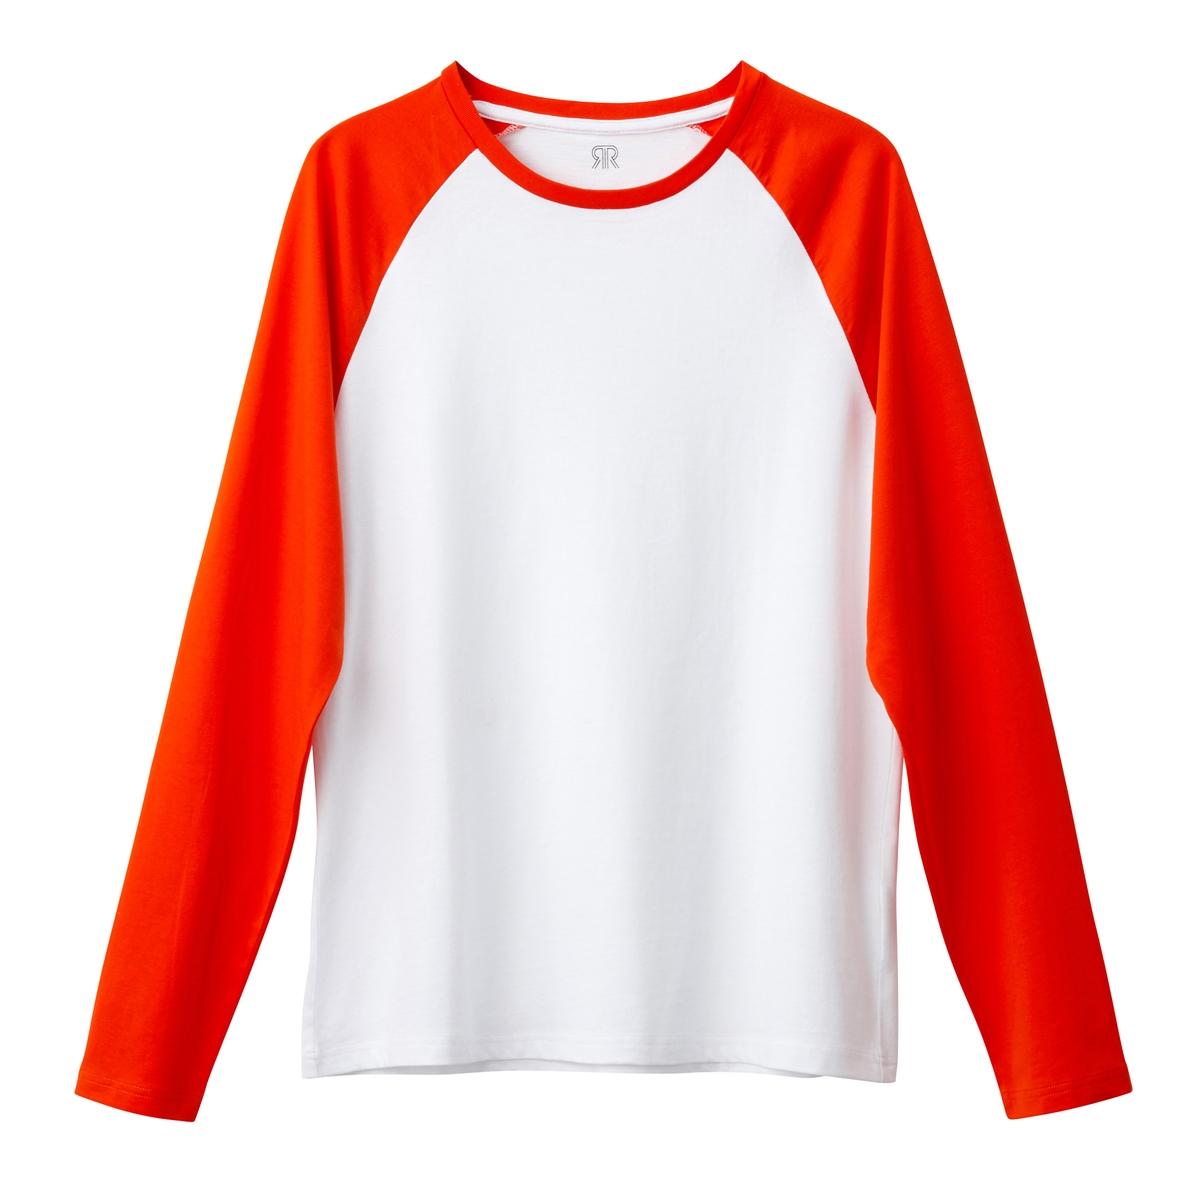 Camisola de mangas compridas bicolor, Oeko Tex